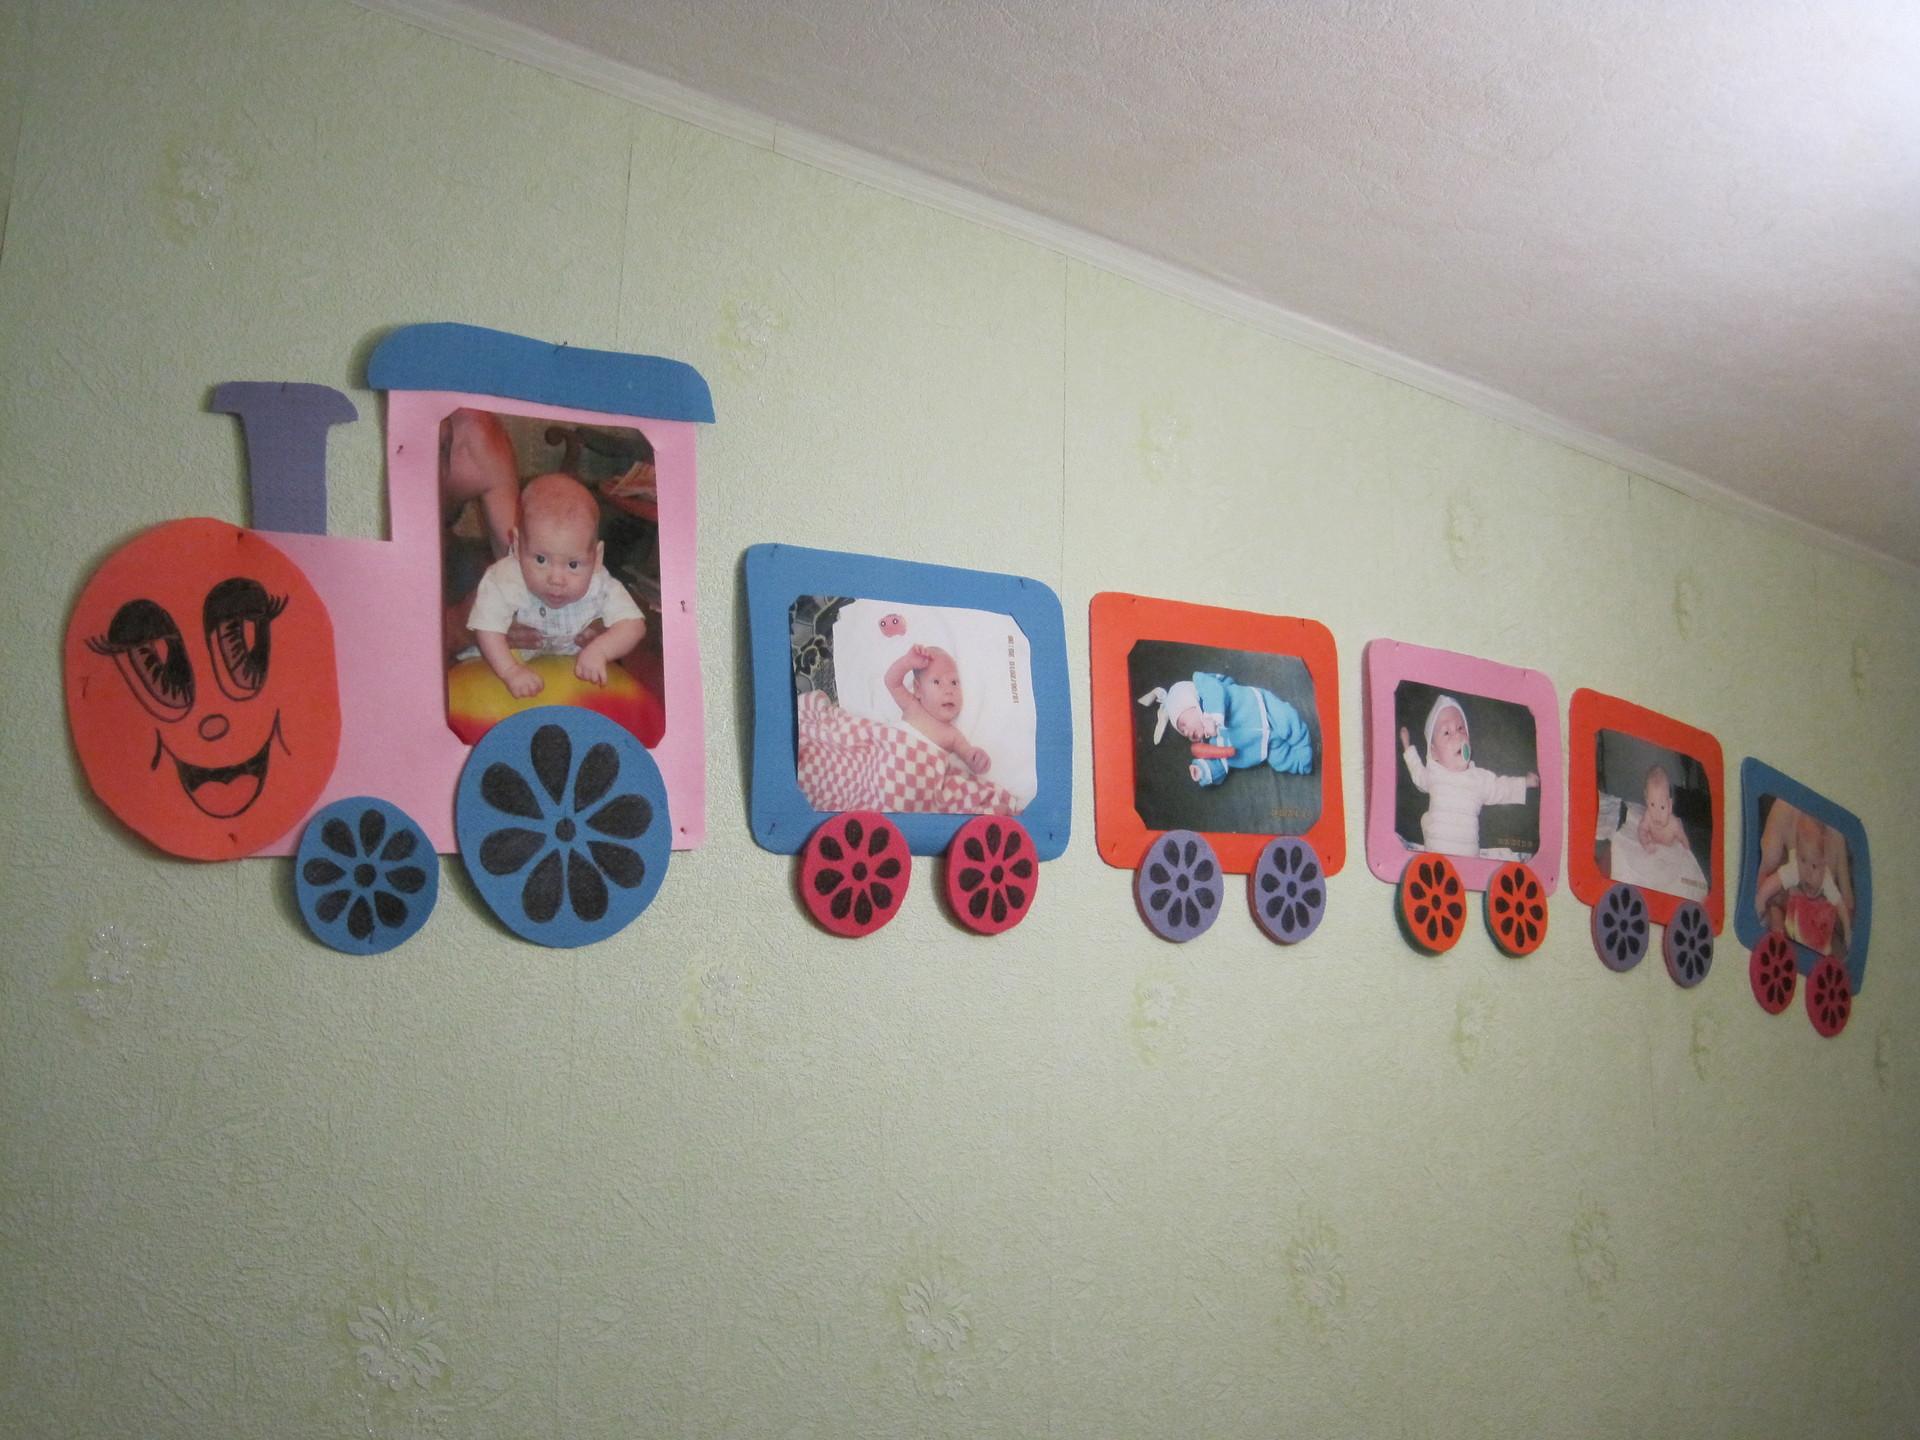 Что повесить на стену сделанное своими руками